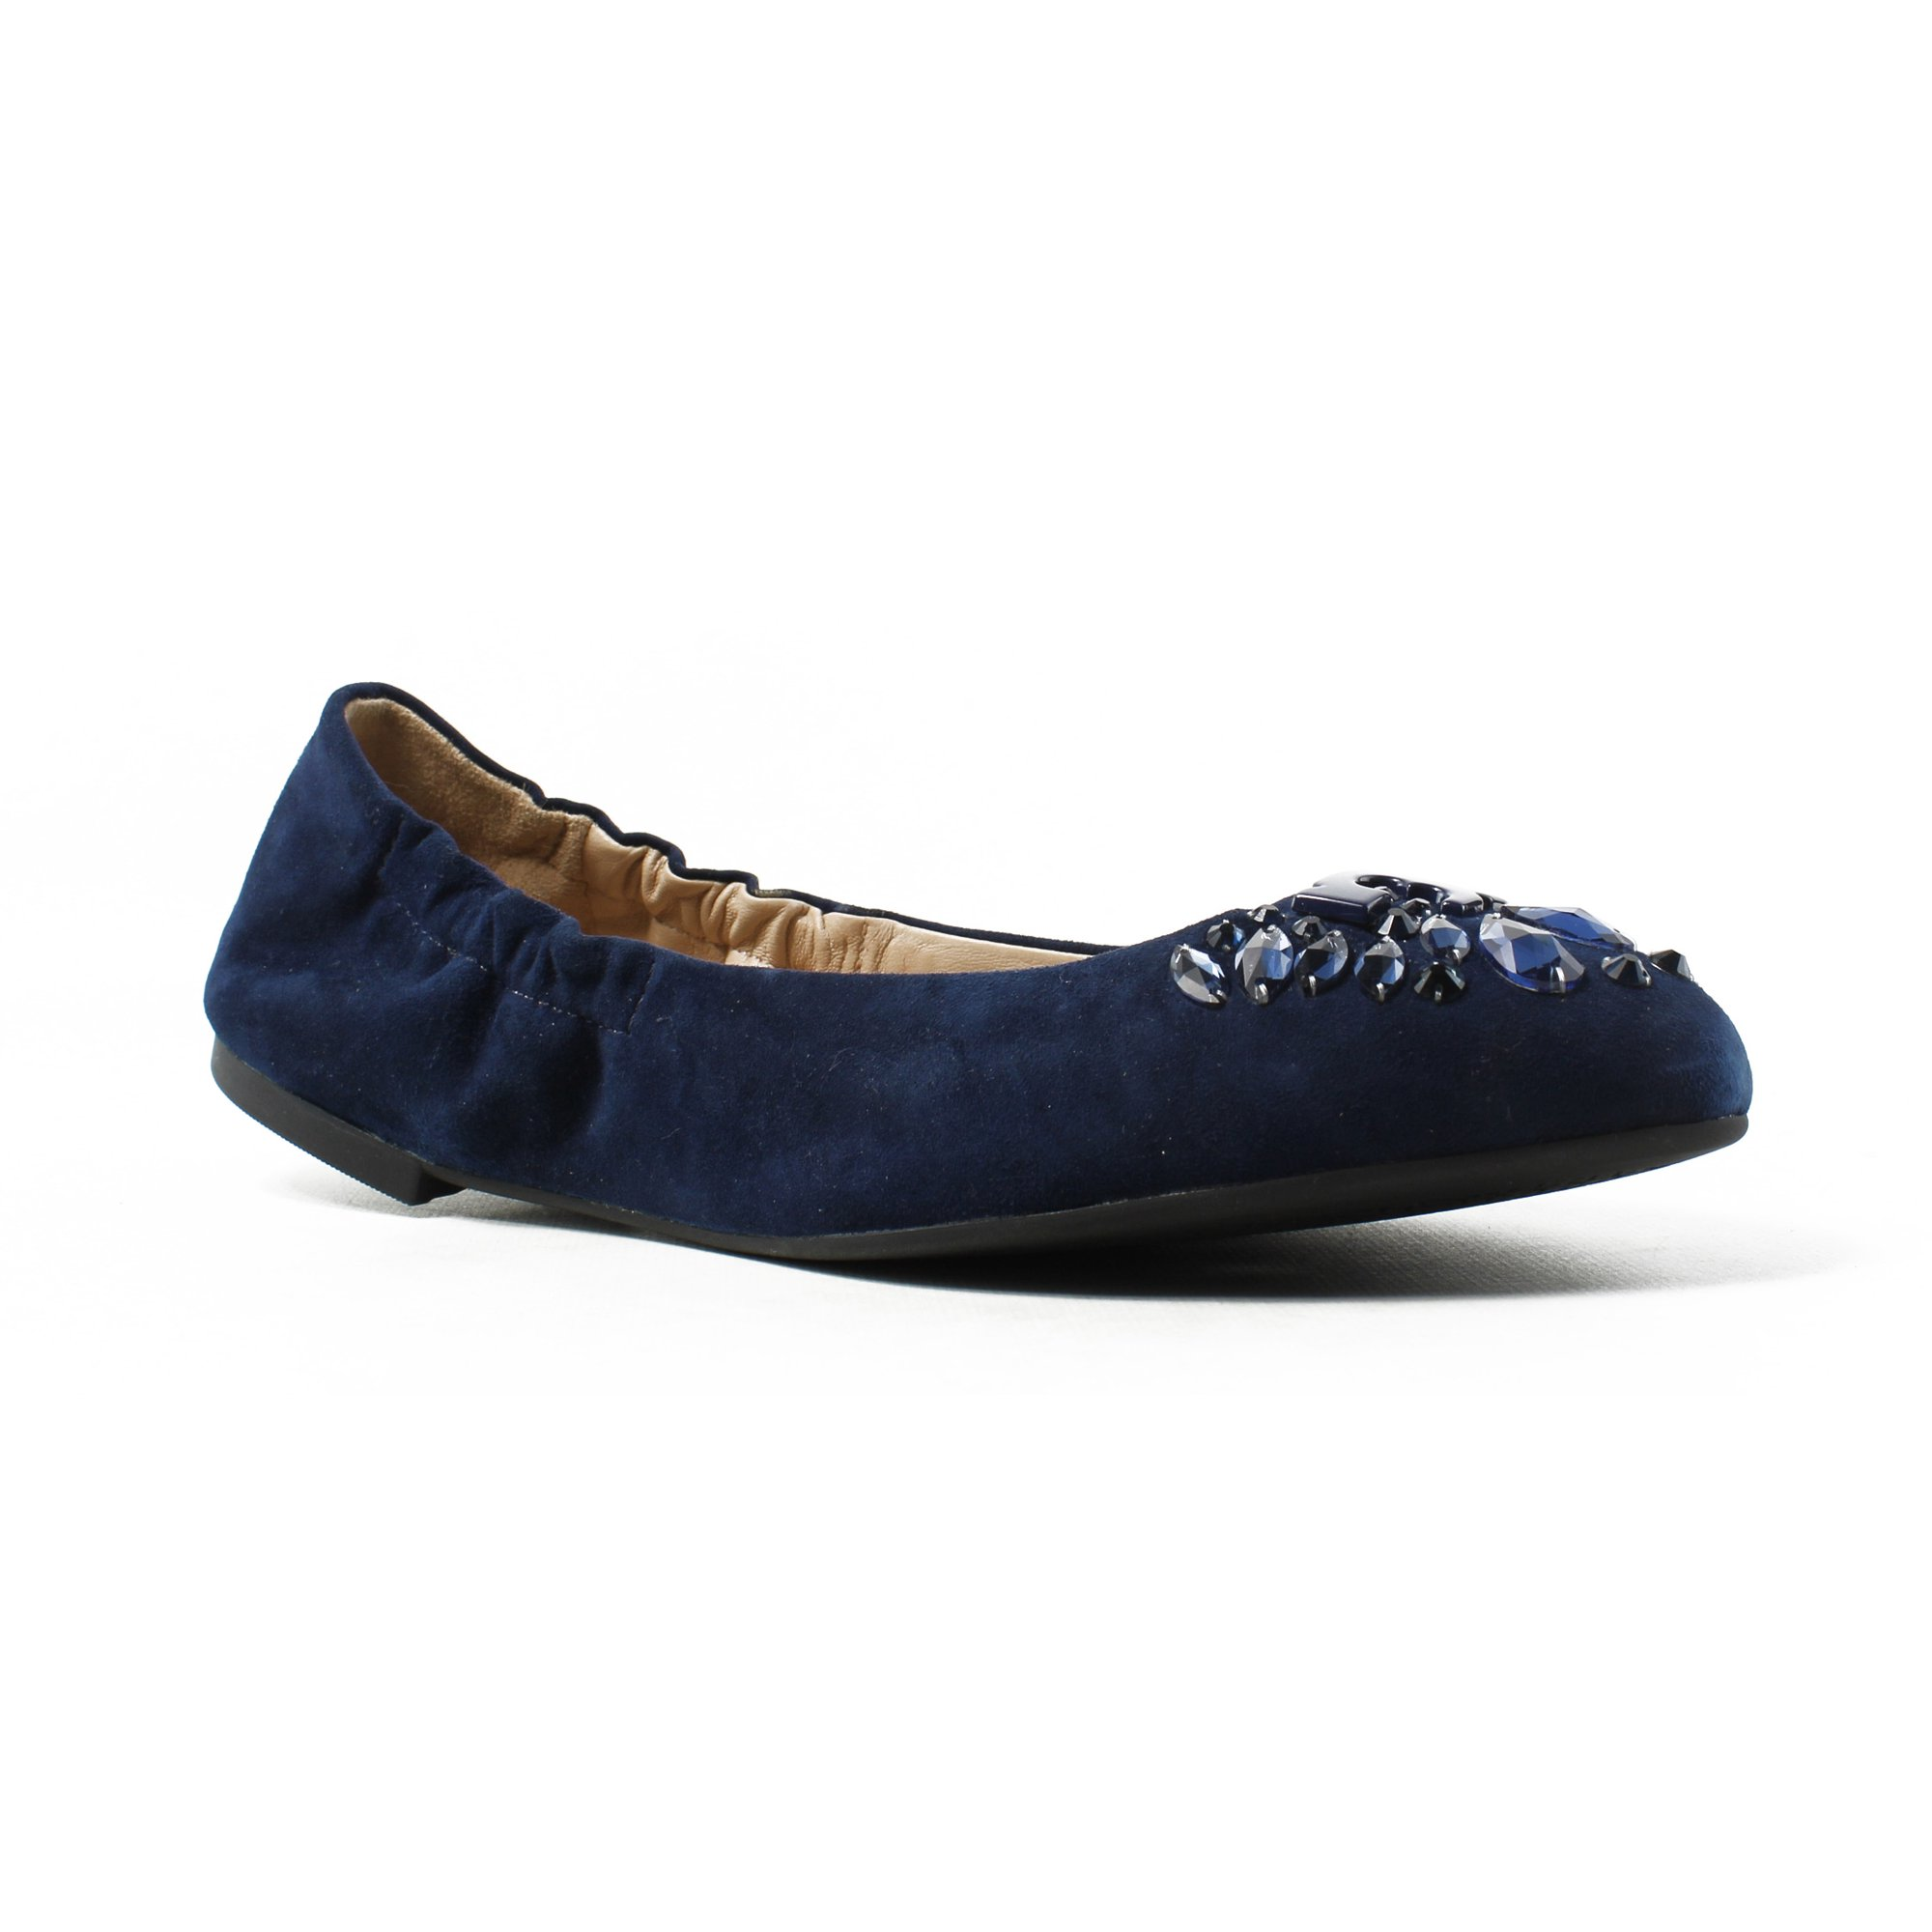 cb4d5d655 Buy Tory Burch Womens Blue Ballet Flats Size 10 New